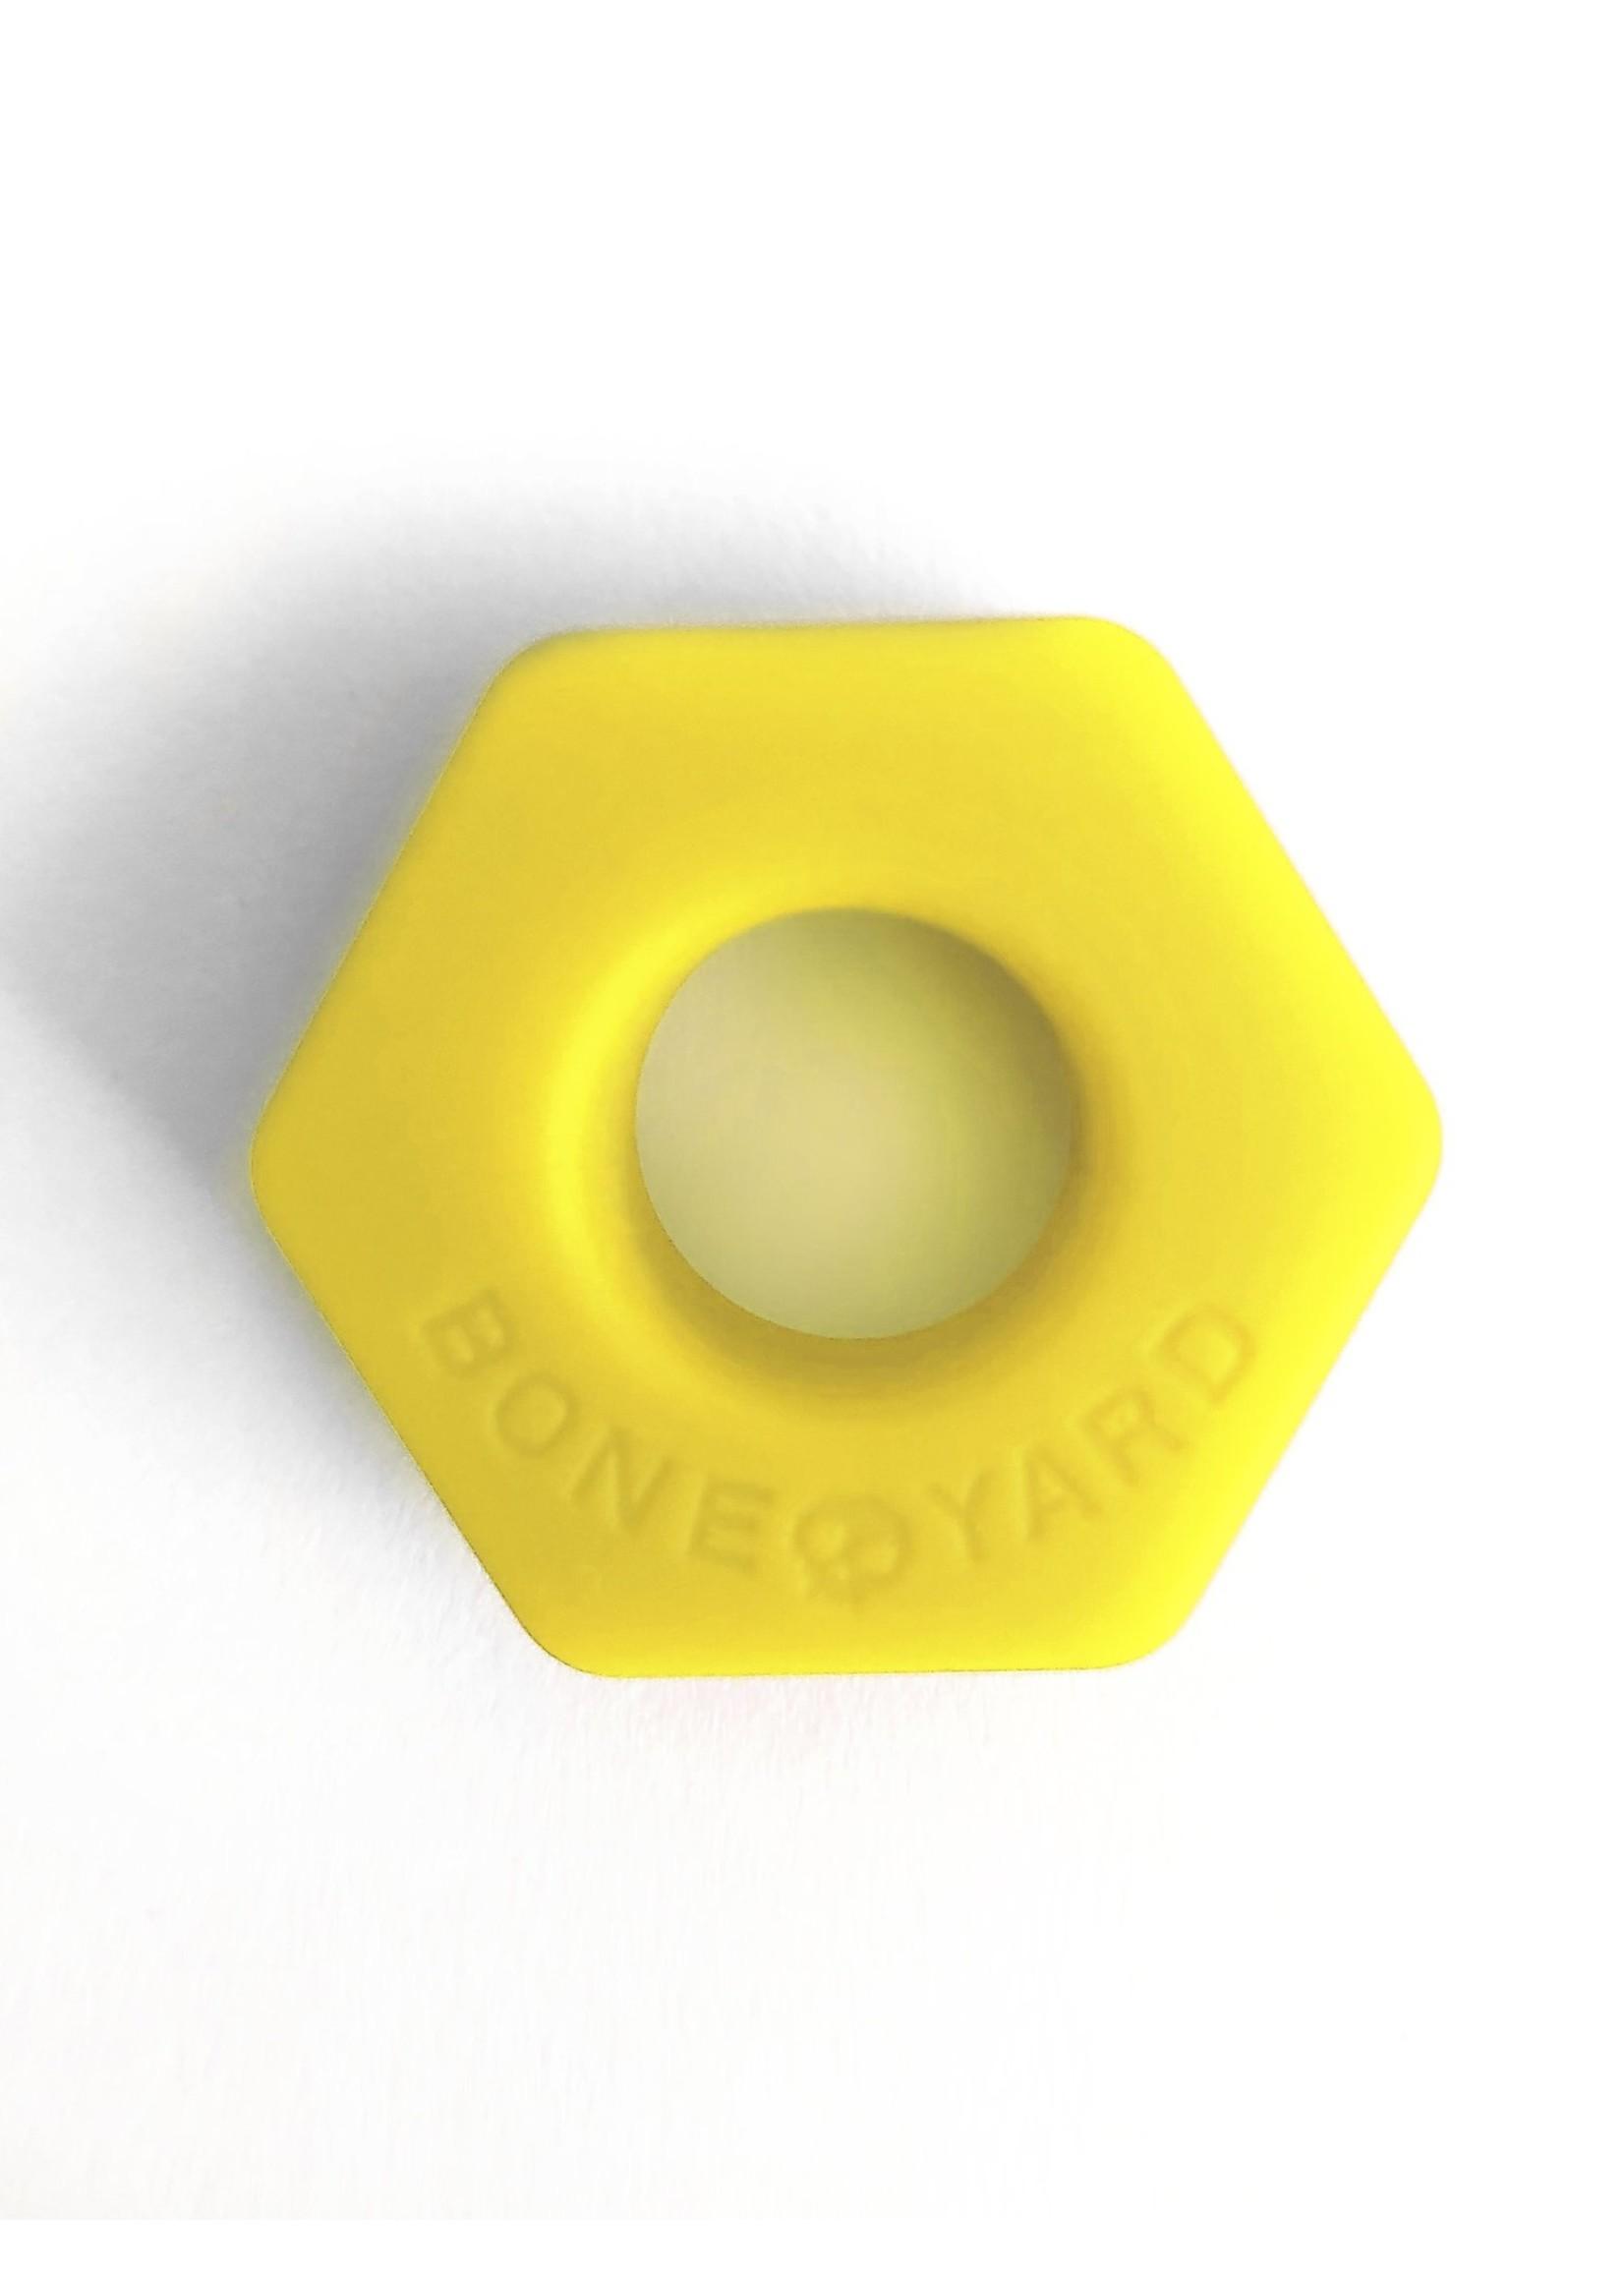 Boneyard Boneyard Bust a Nut Cock Ring